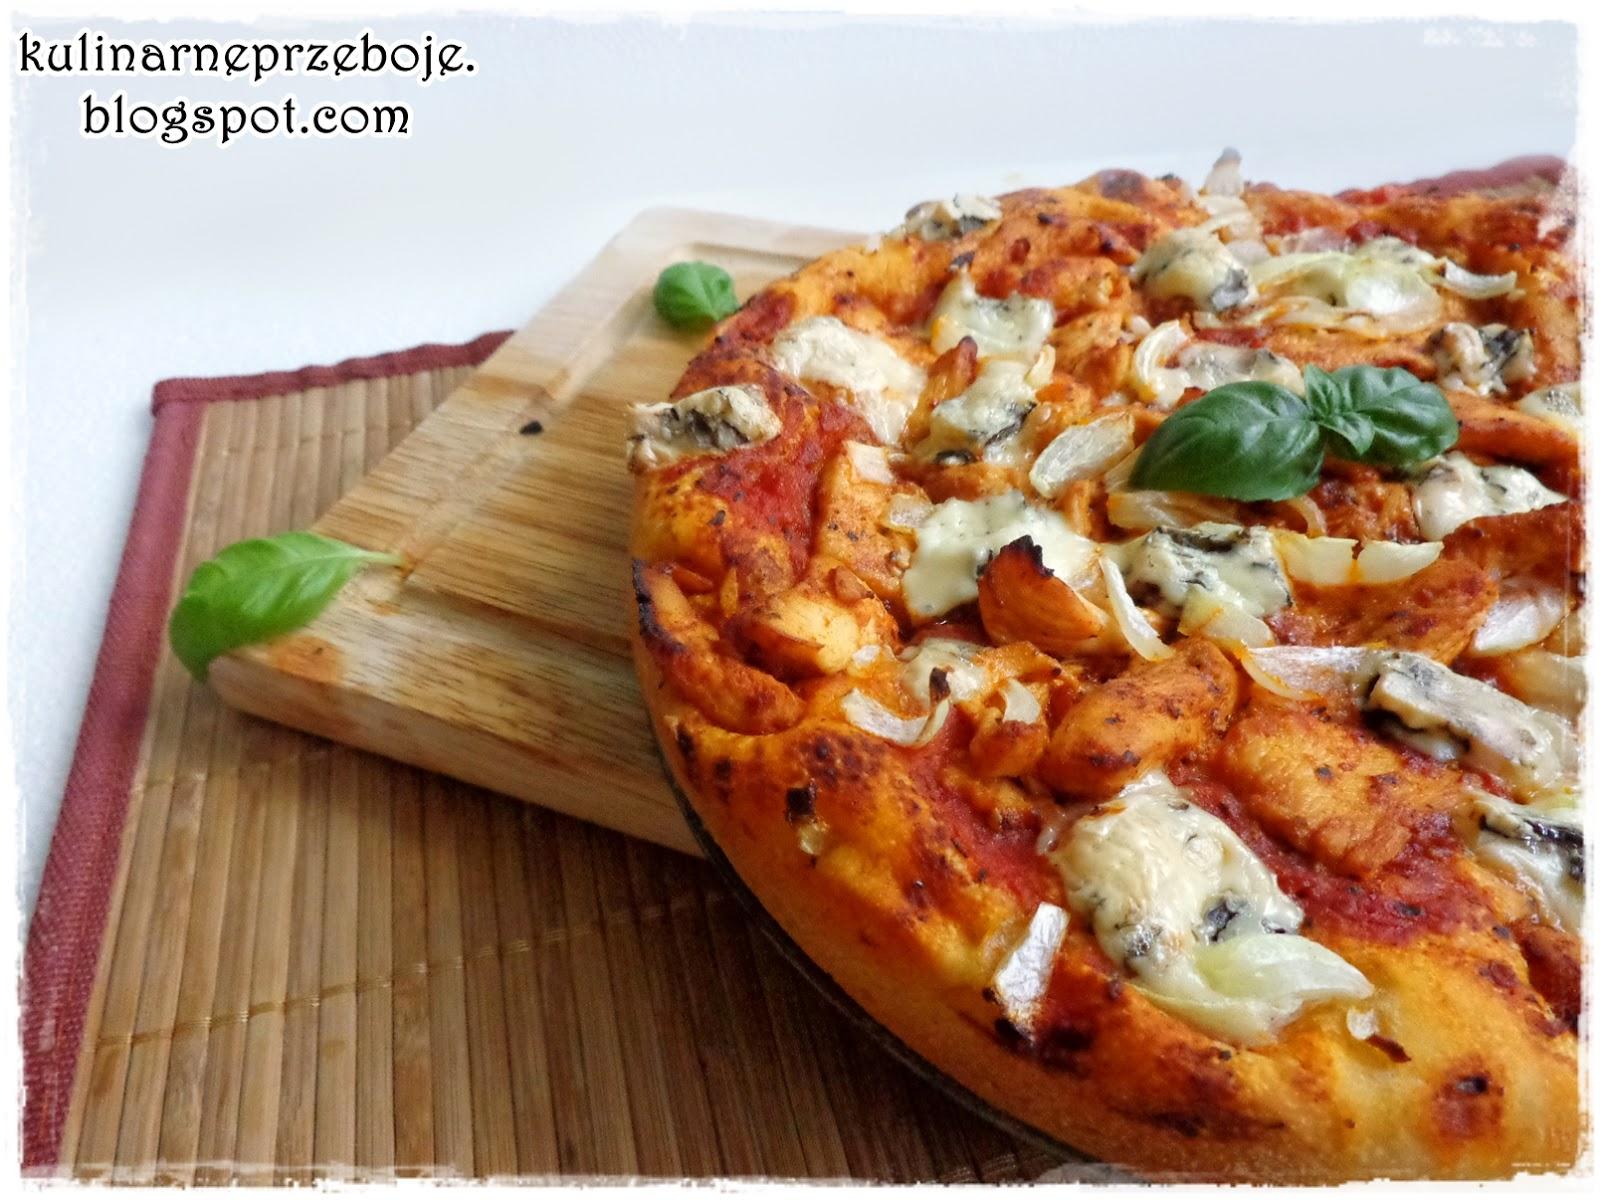 Pizza z serem pleśniowym i kurczakiem